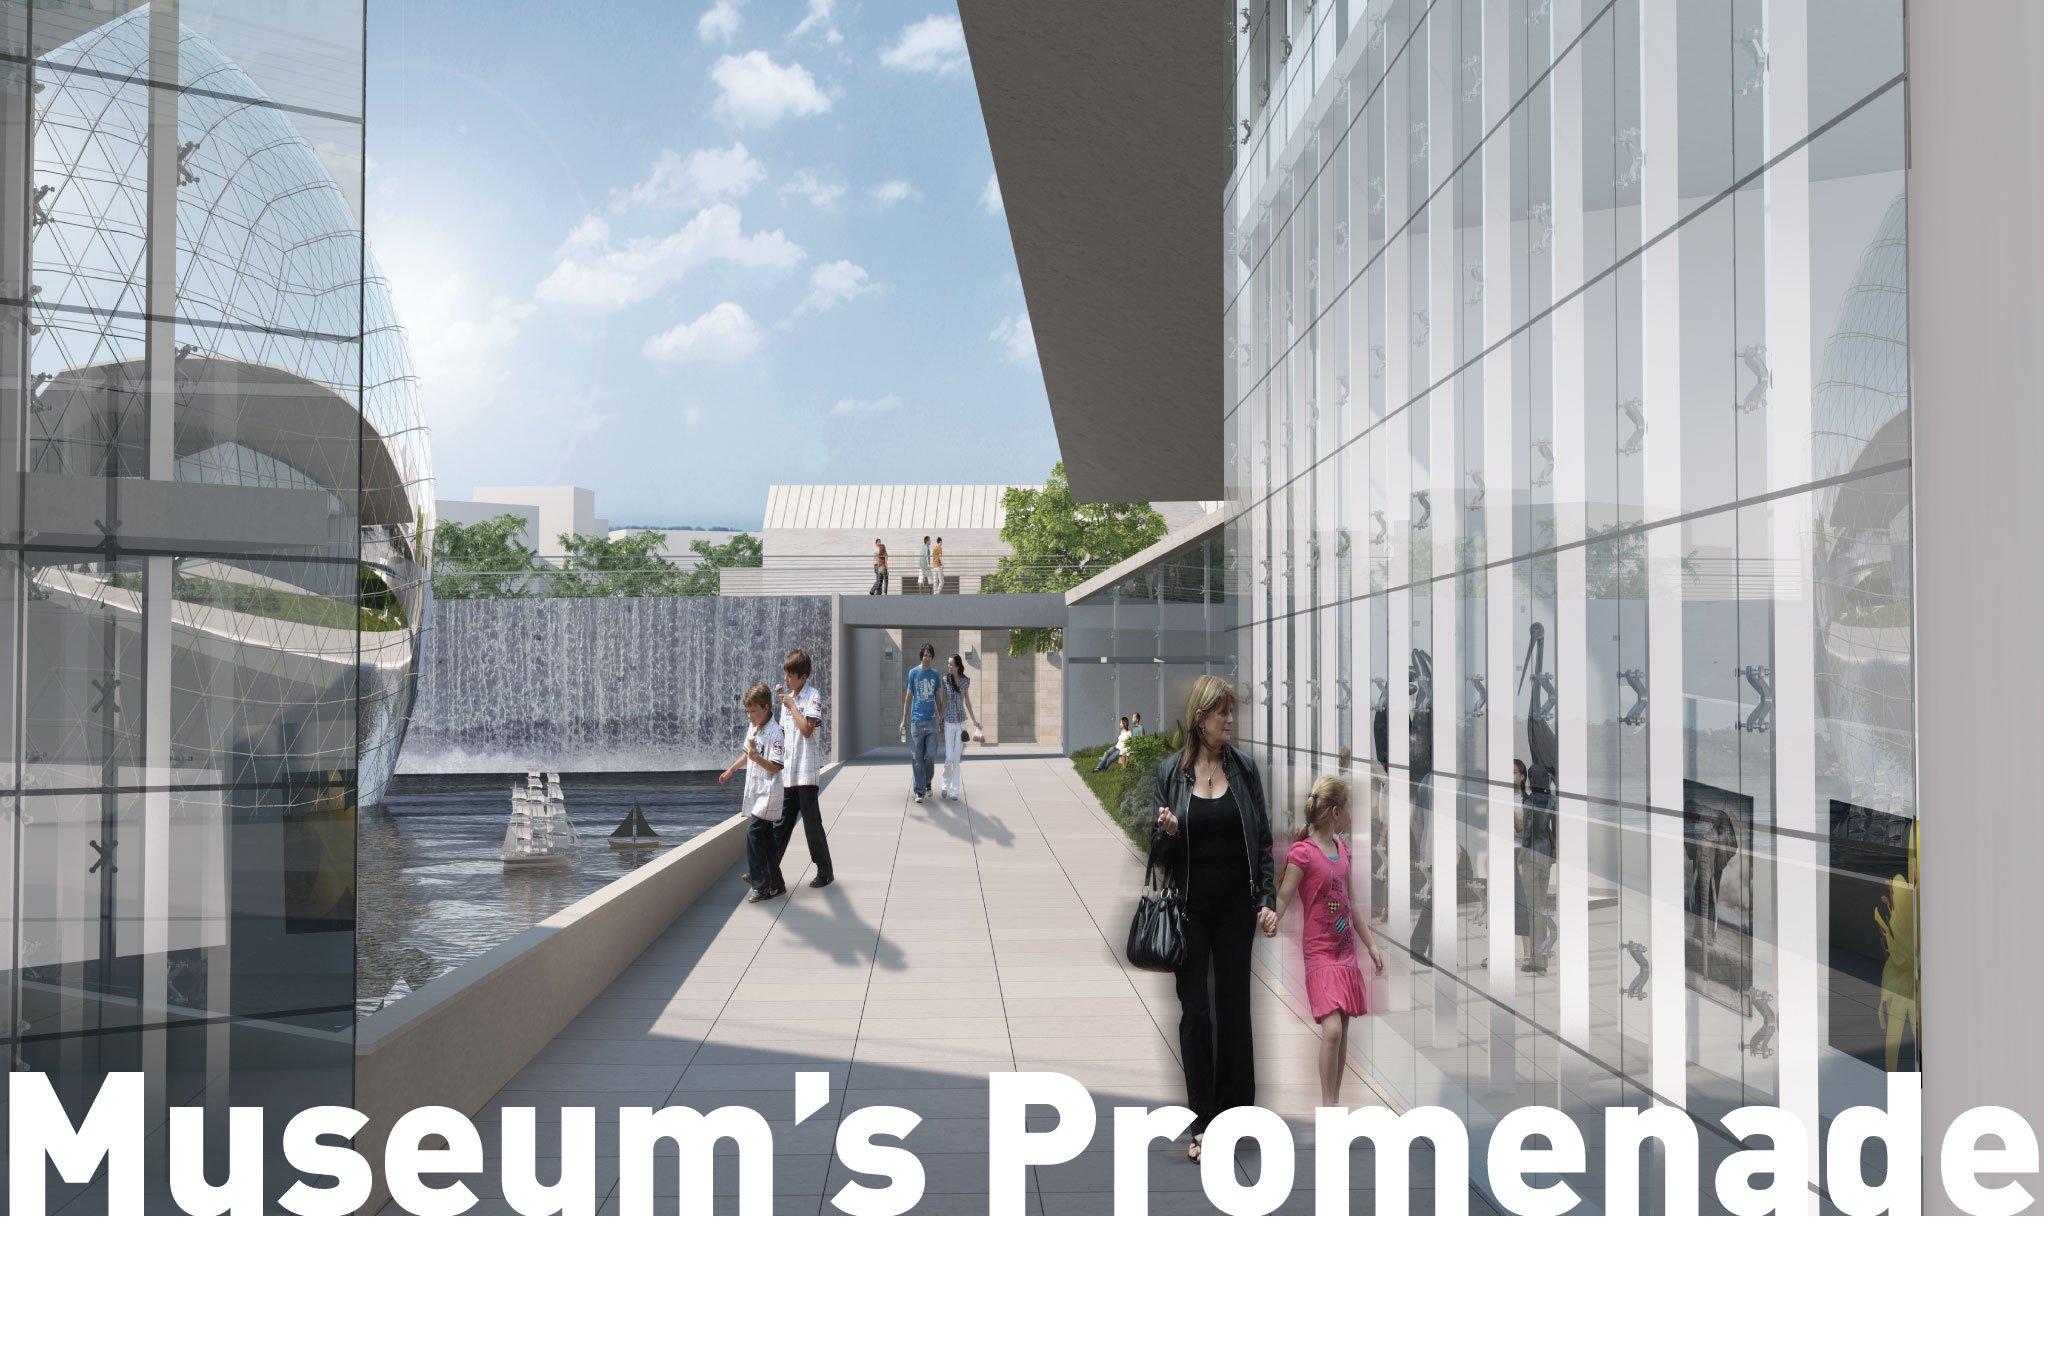 ציר המוזיאונים, מוזיאון הטבע, ירושלים